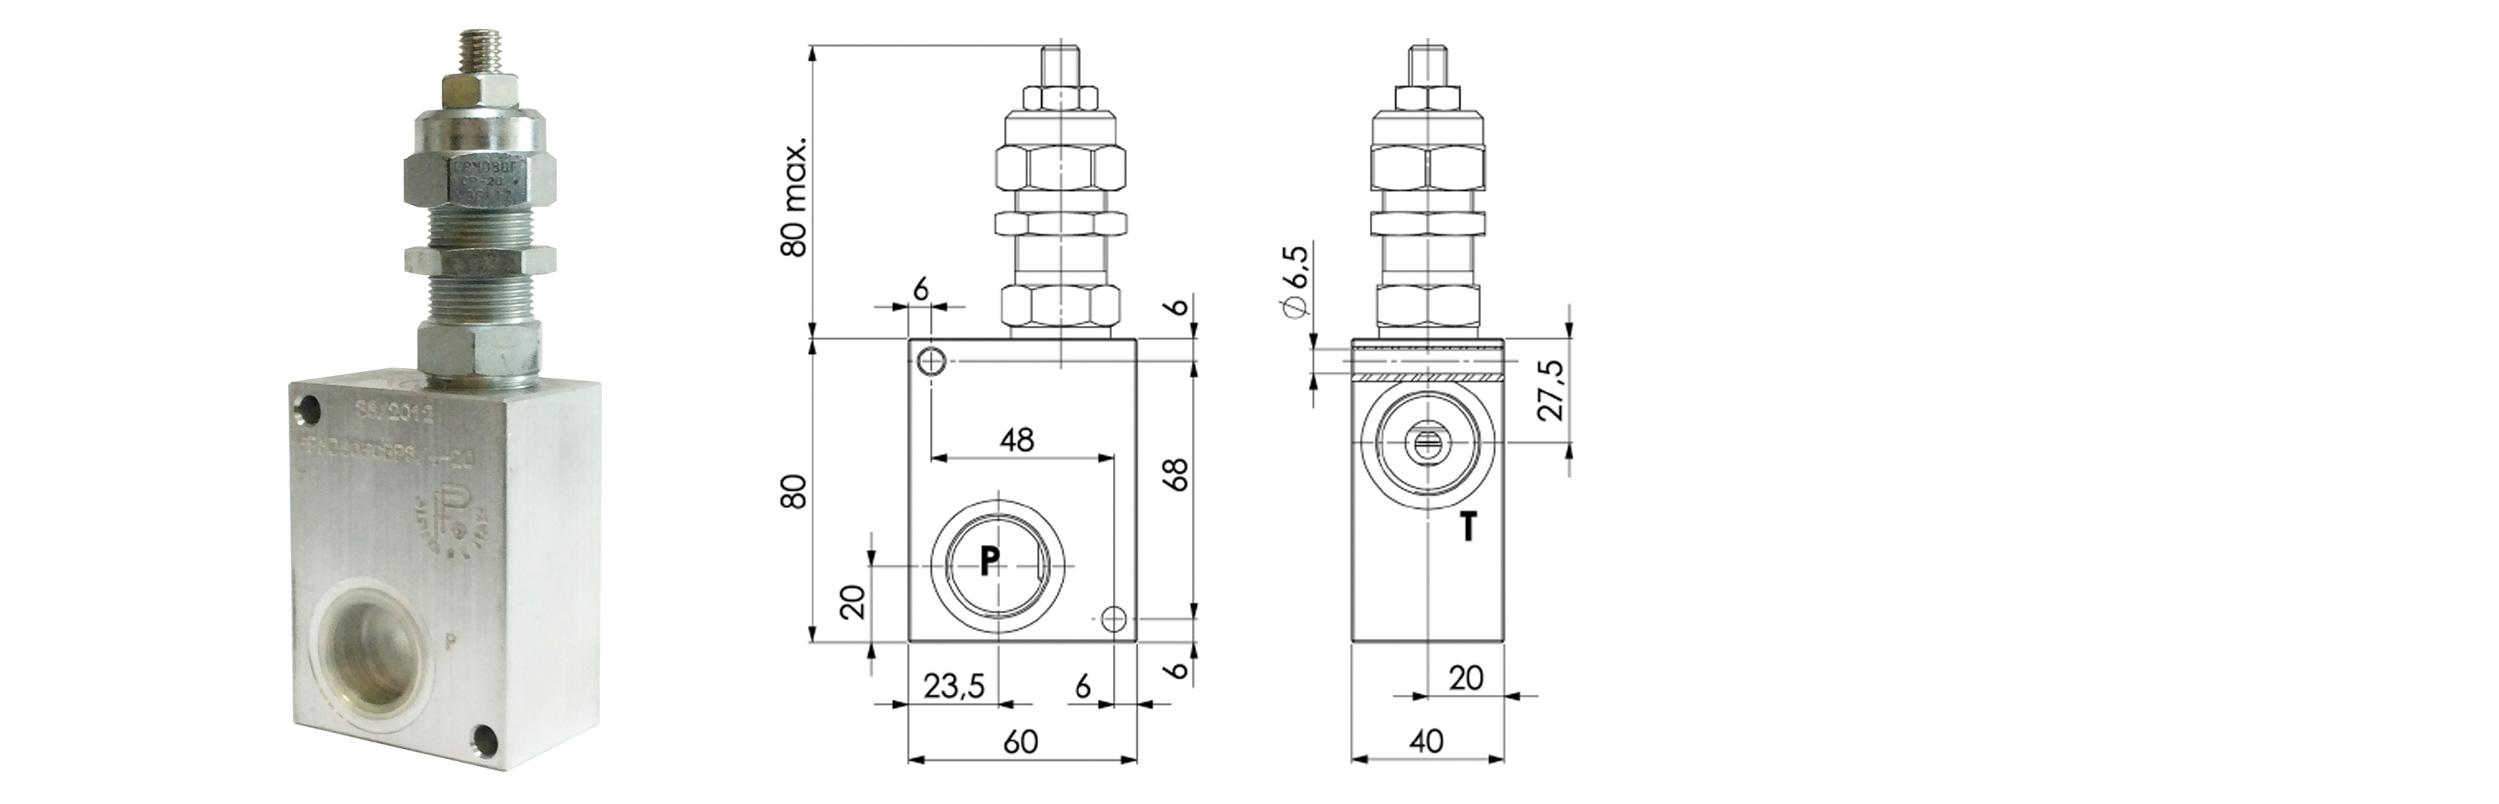 zawór ciśnieniowy fpm-D-80f-CB firmy Bipromasz